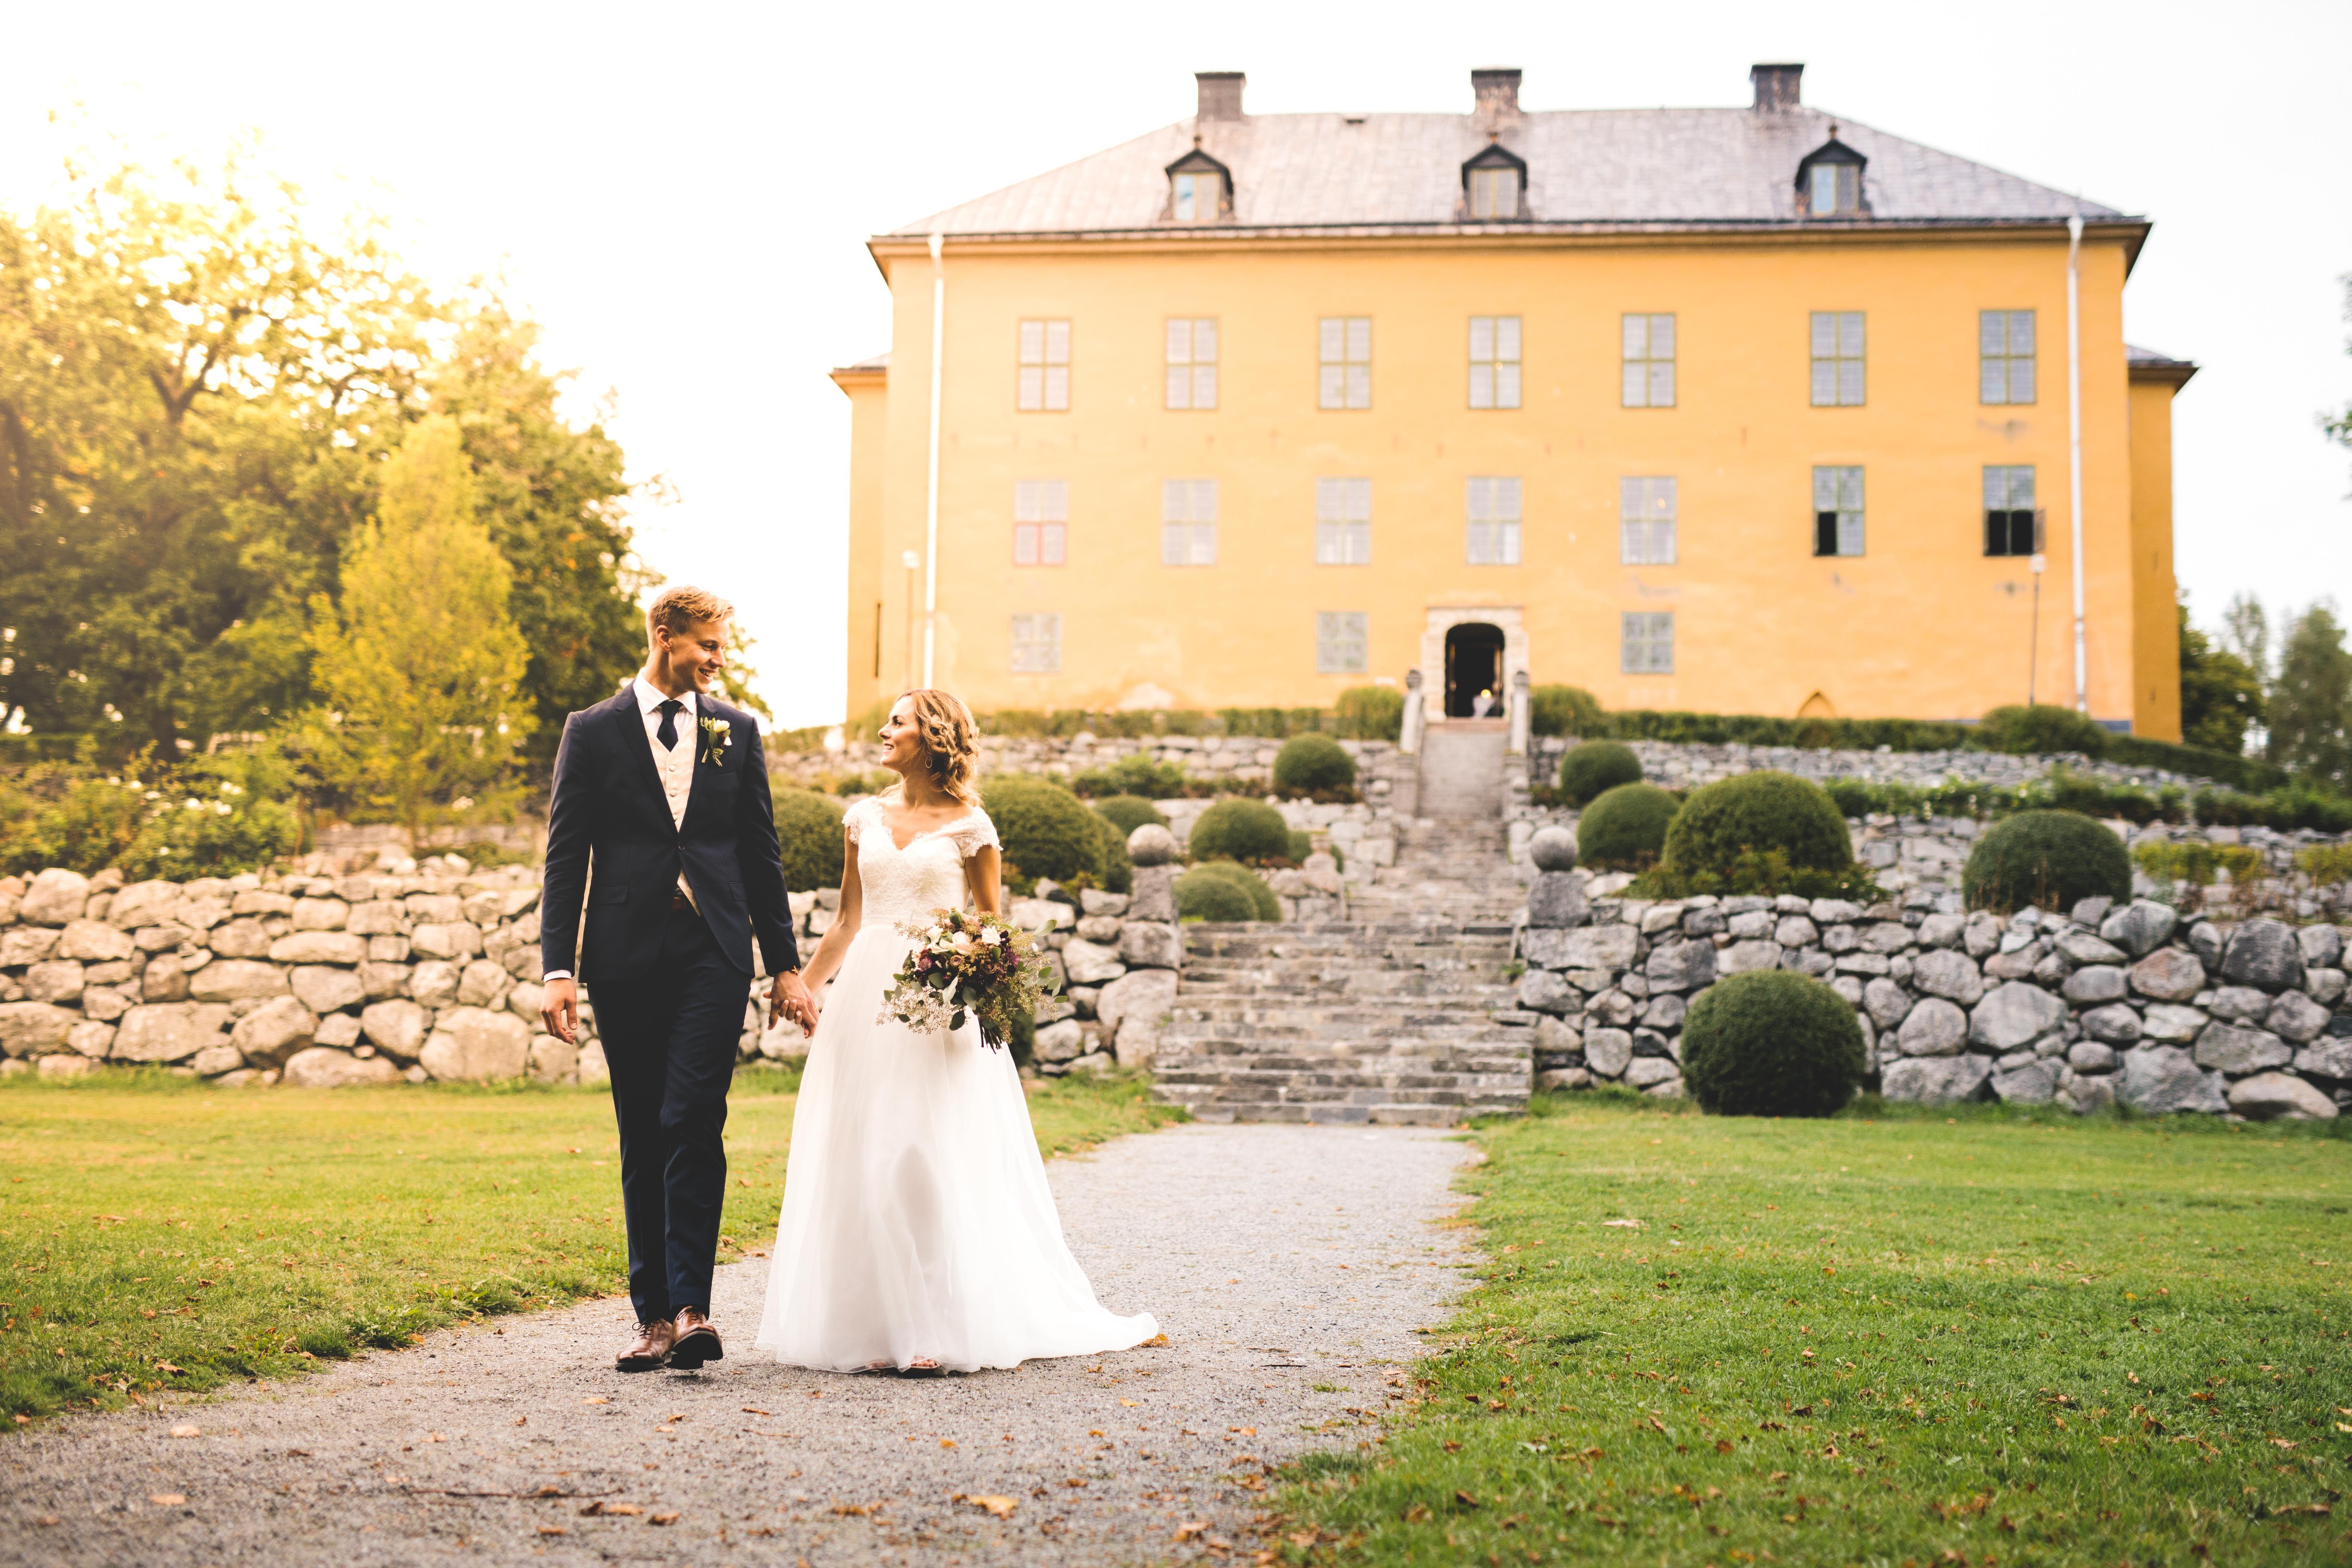 533dffcfec19 Storyhouse Wenngarn Slott | Sigtuna, Sweden | Bröllop på Wenngarn | Bröllop,  möten och